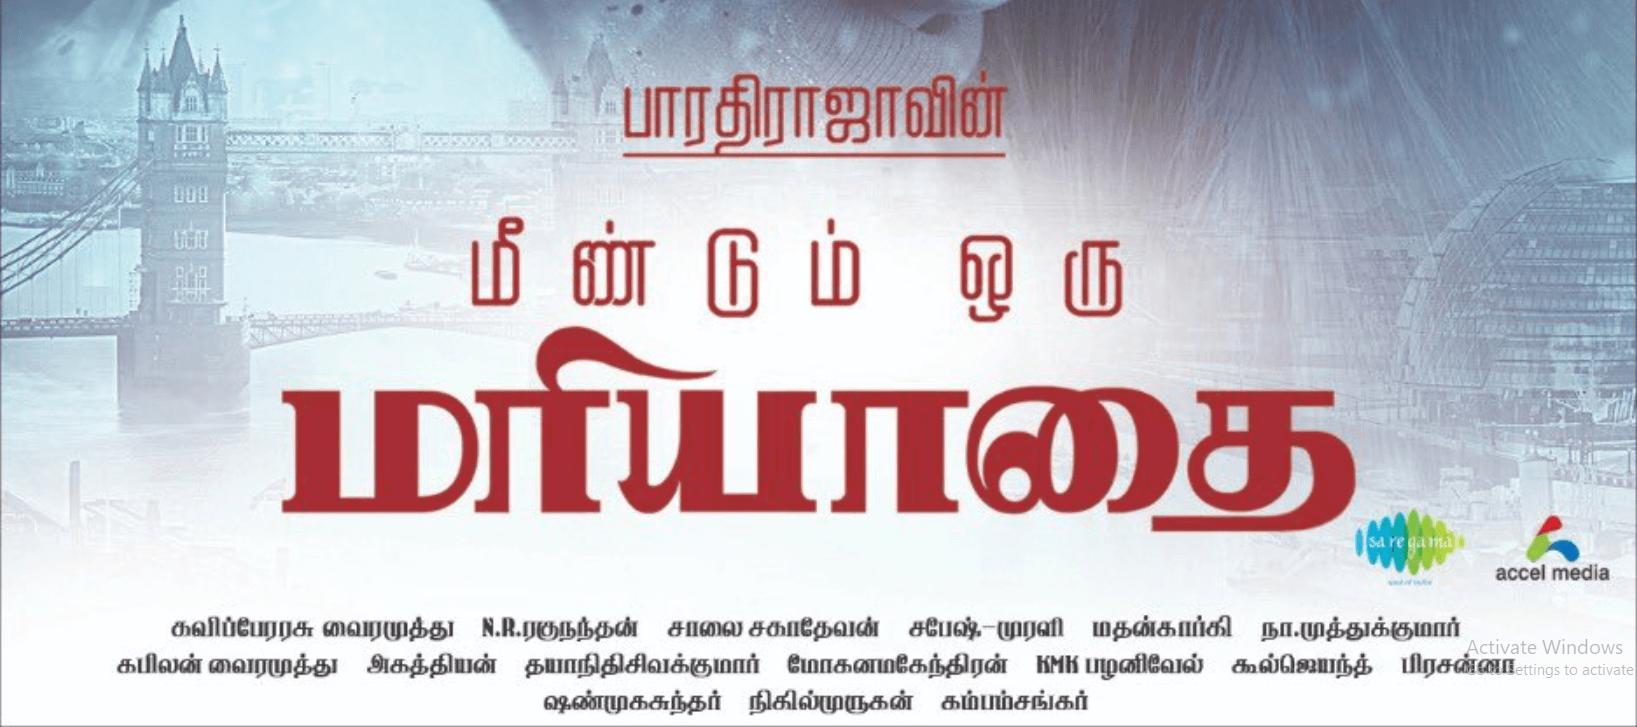 Meendum Oru Mariyathai Tamil Movie